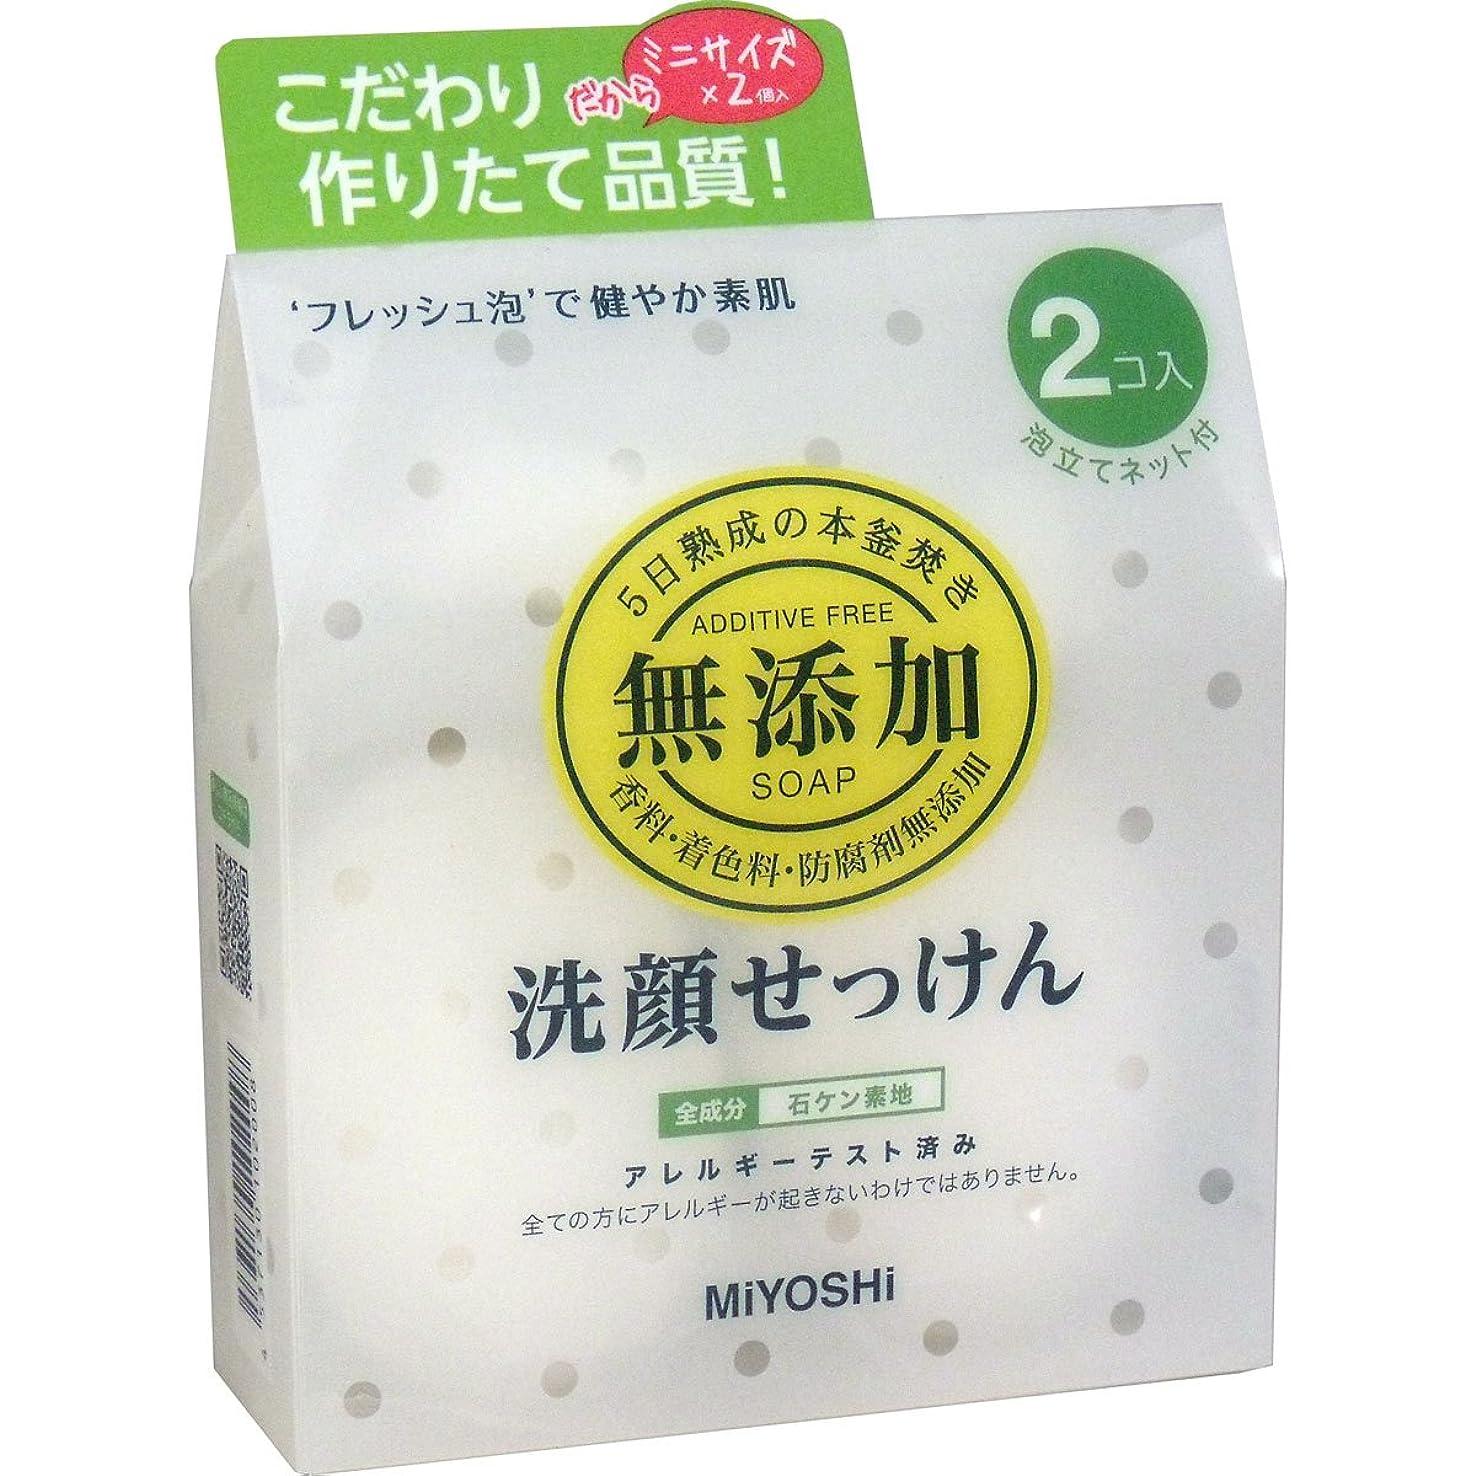 絞るたらい海外【ミヨシ石鹸】無添加 洗顔せっけん 40g×2コ入 ×20個セット